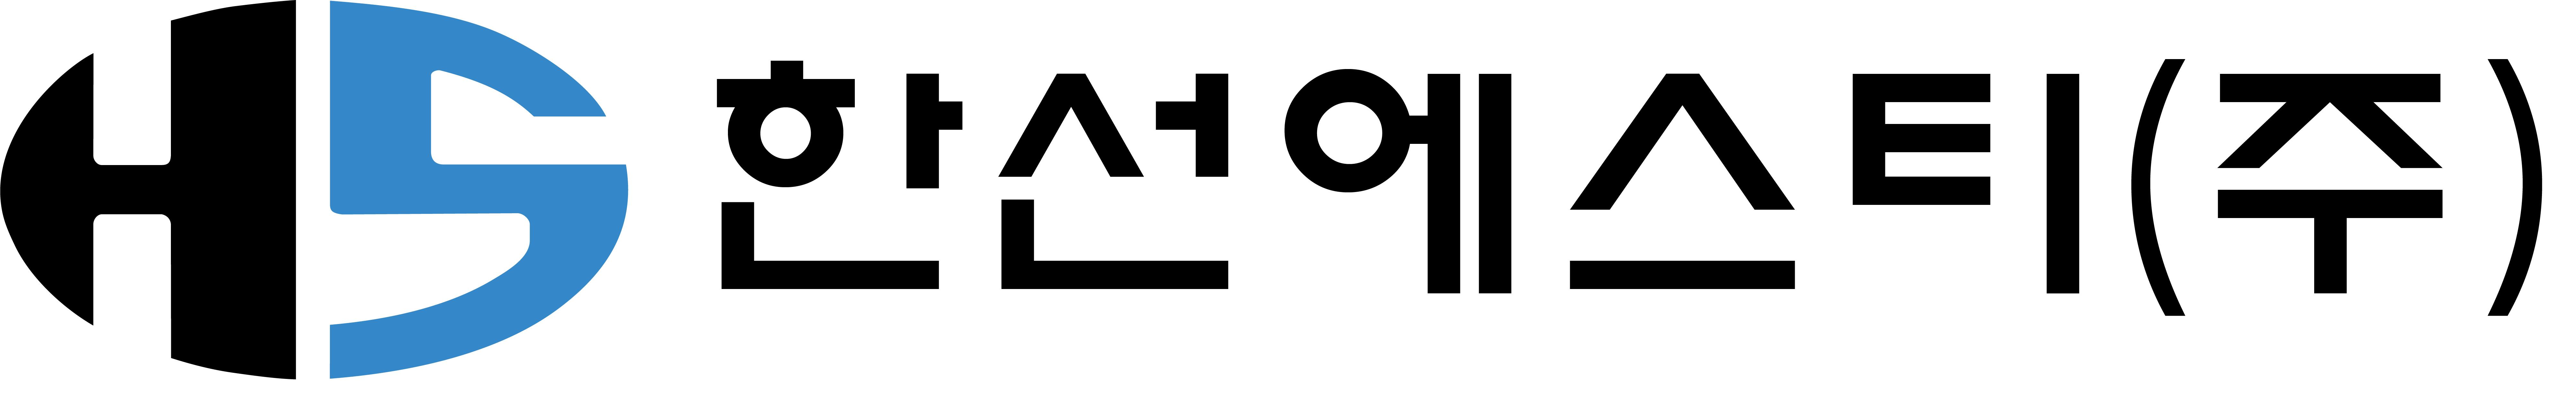 한선에스티(주)